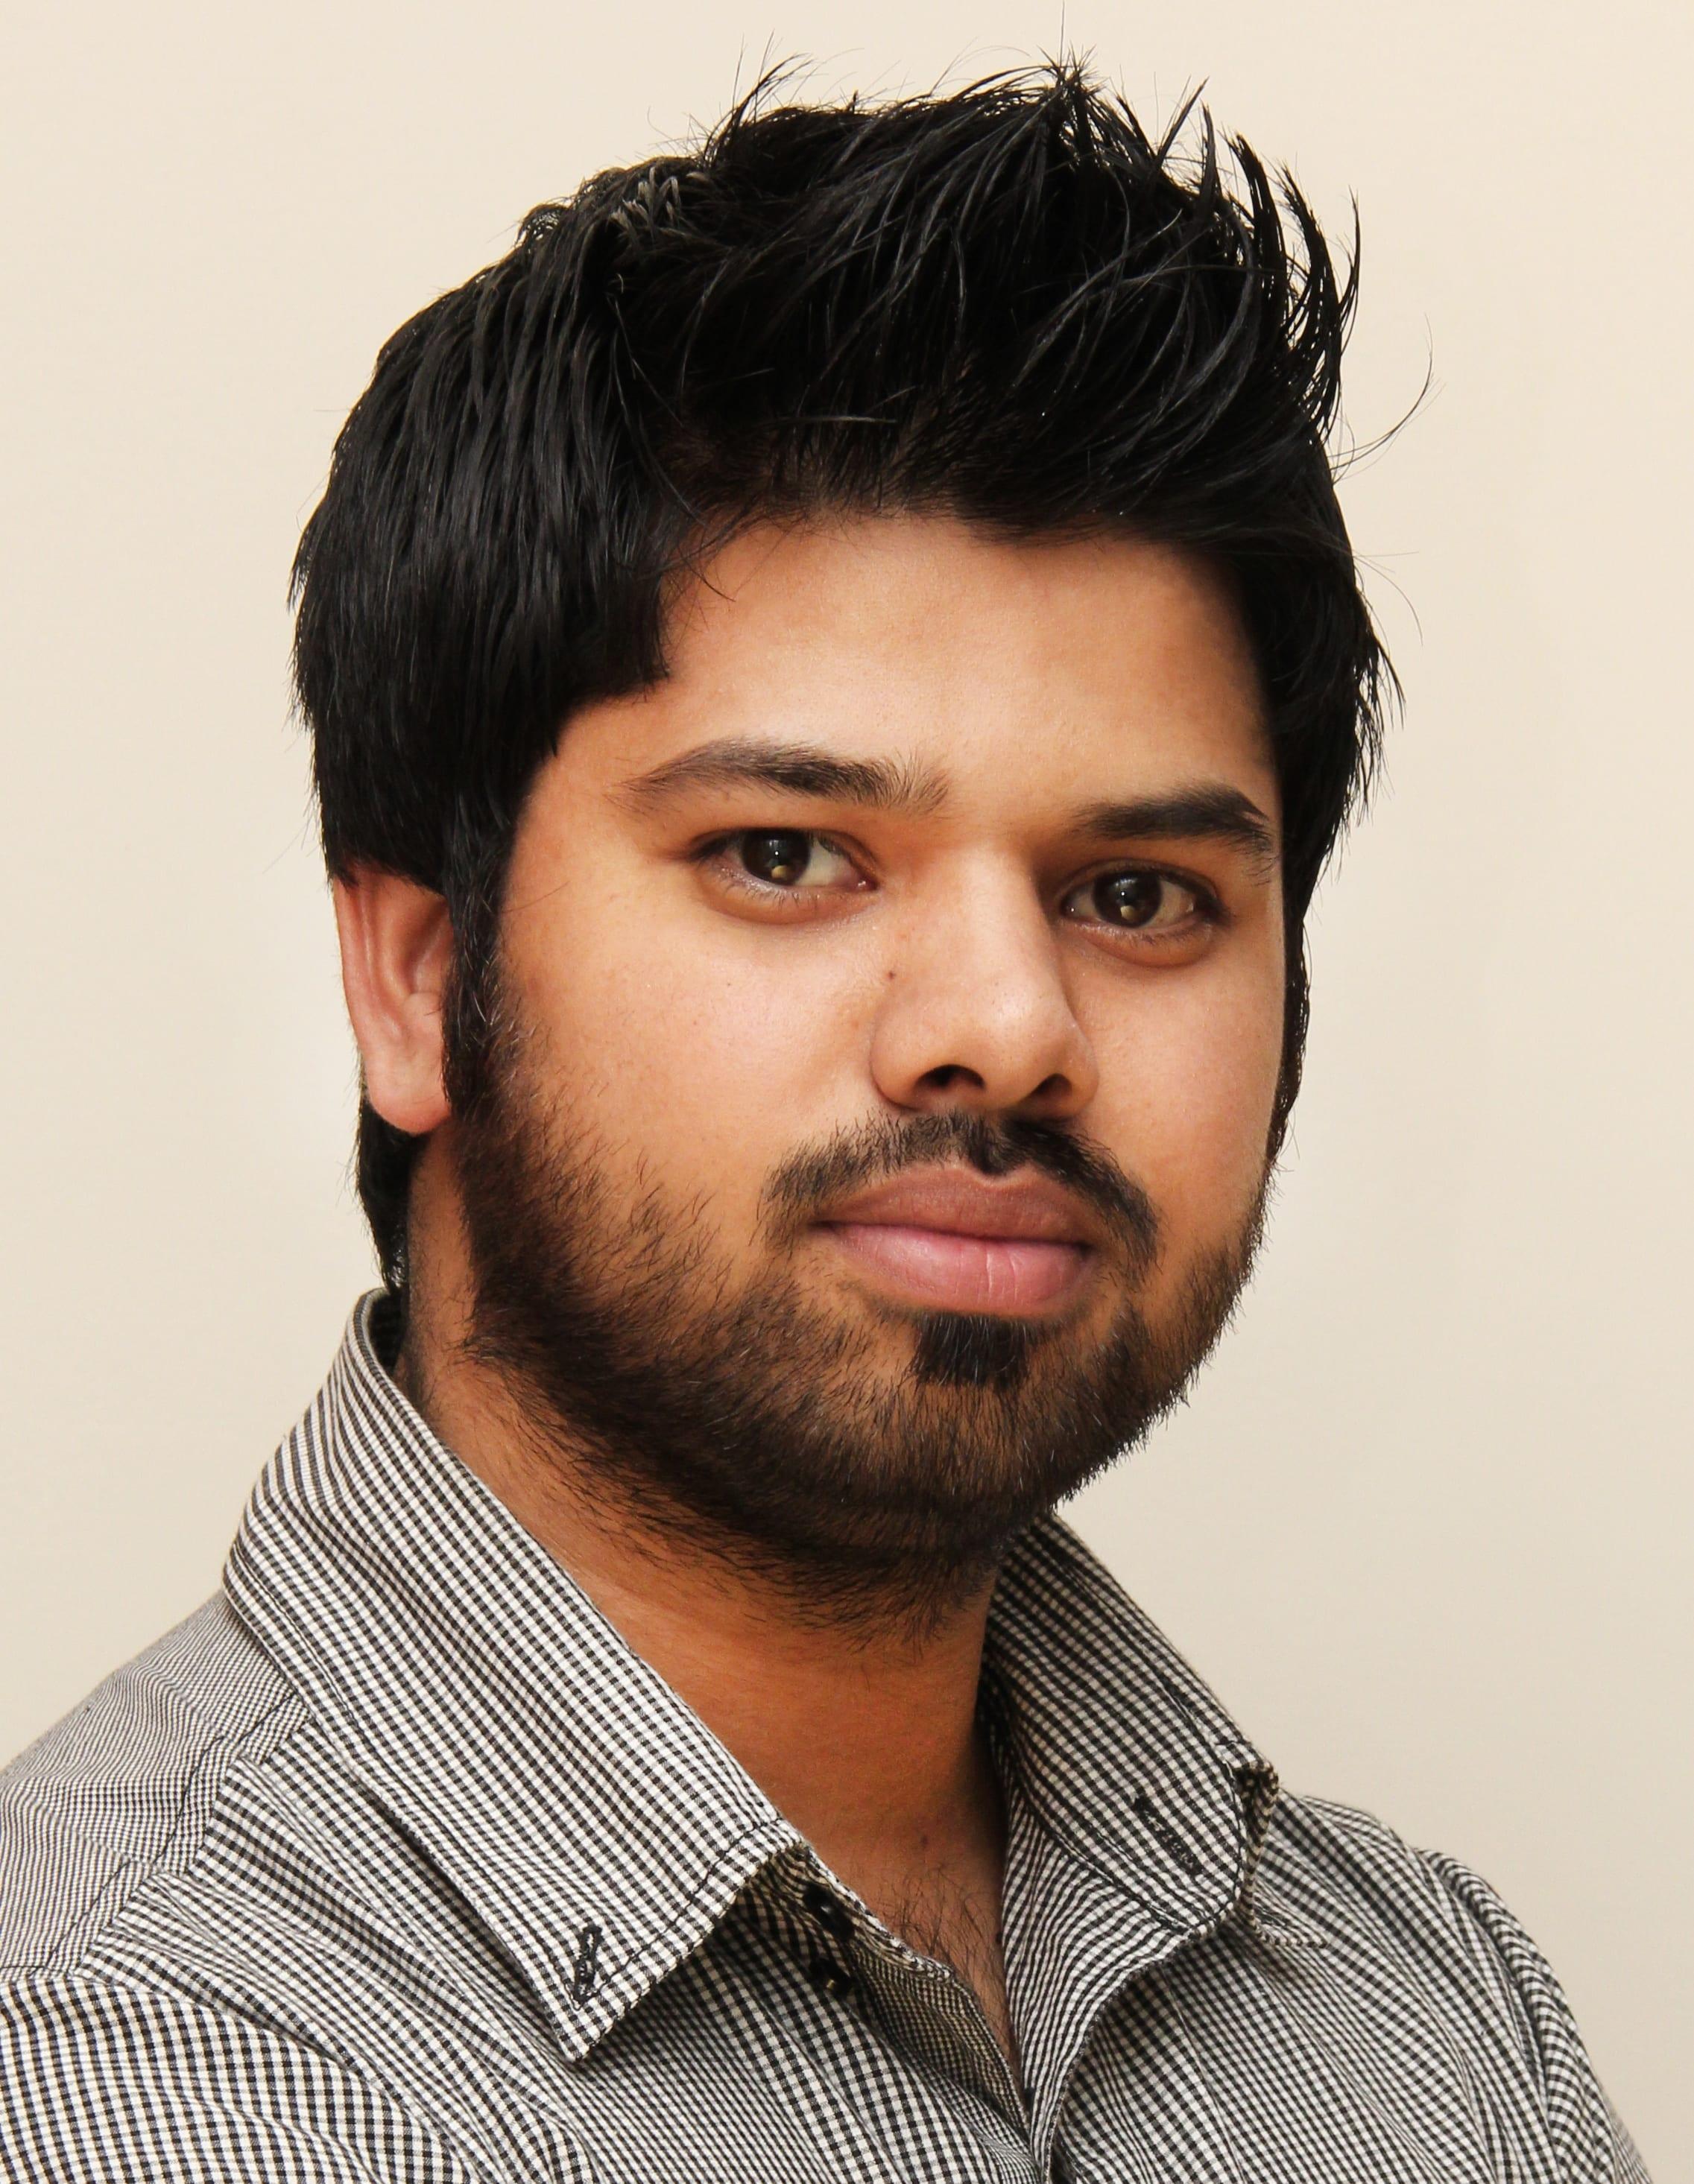 Fahad Muhammad